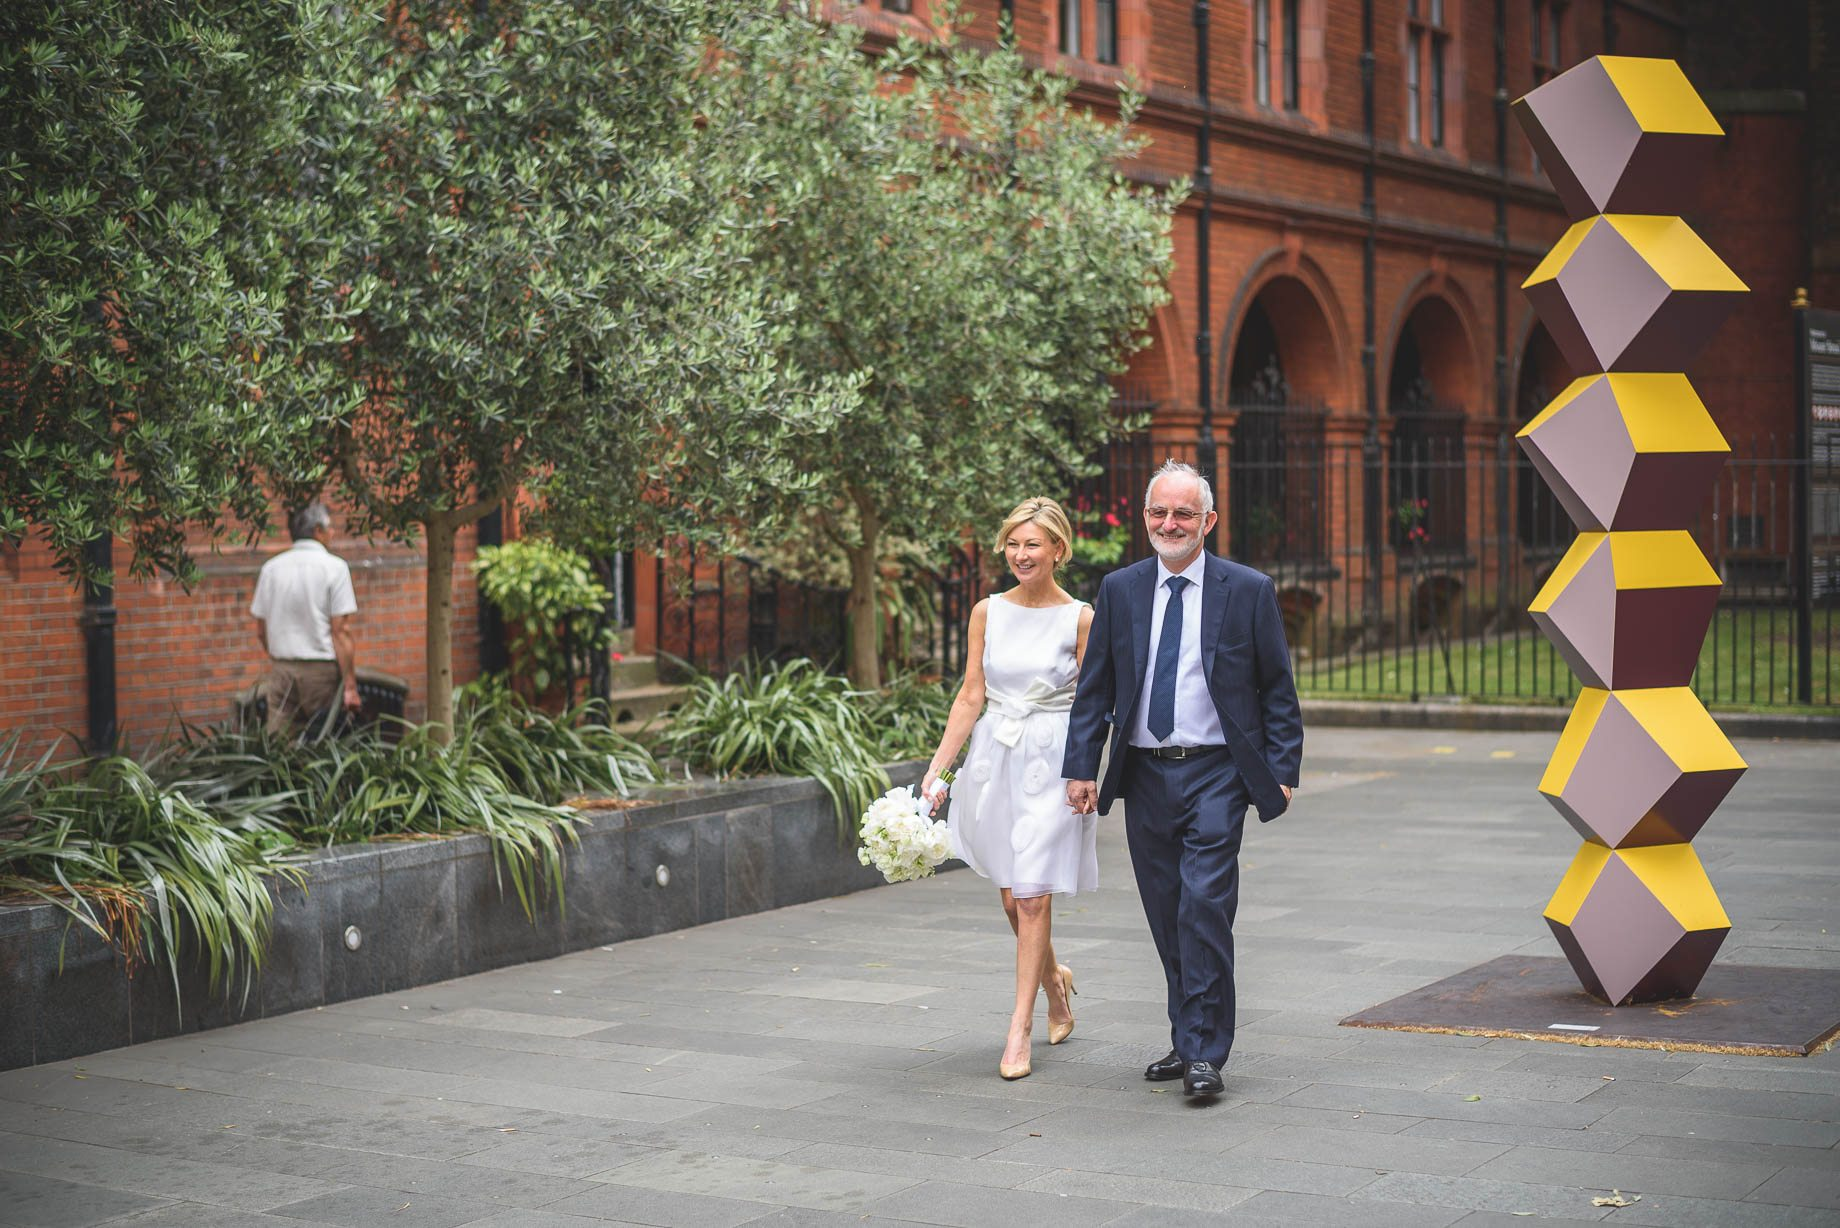 Mayfair-wedding-photography-Allison-and-Eugene-59-of-94